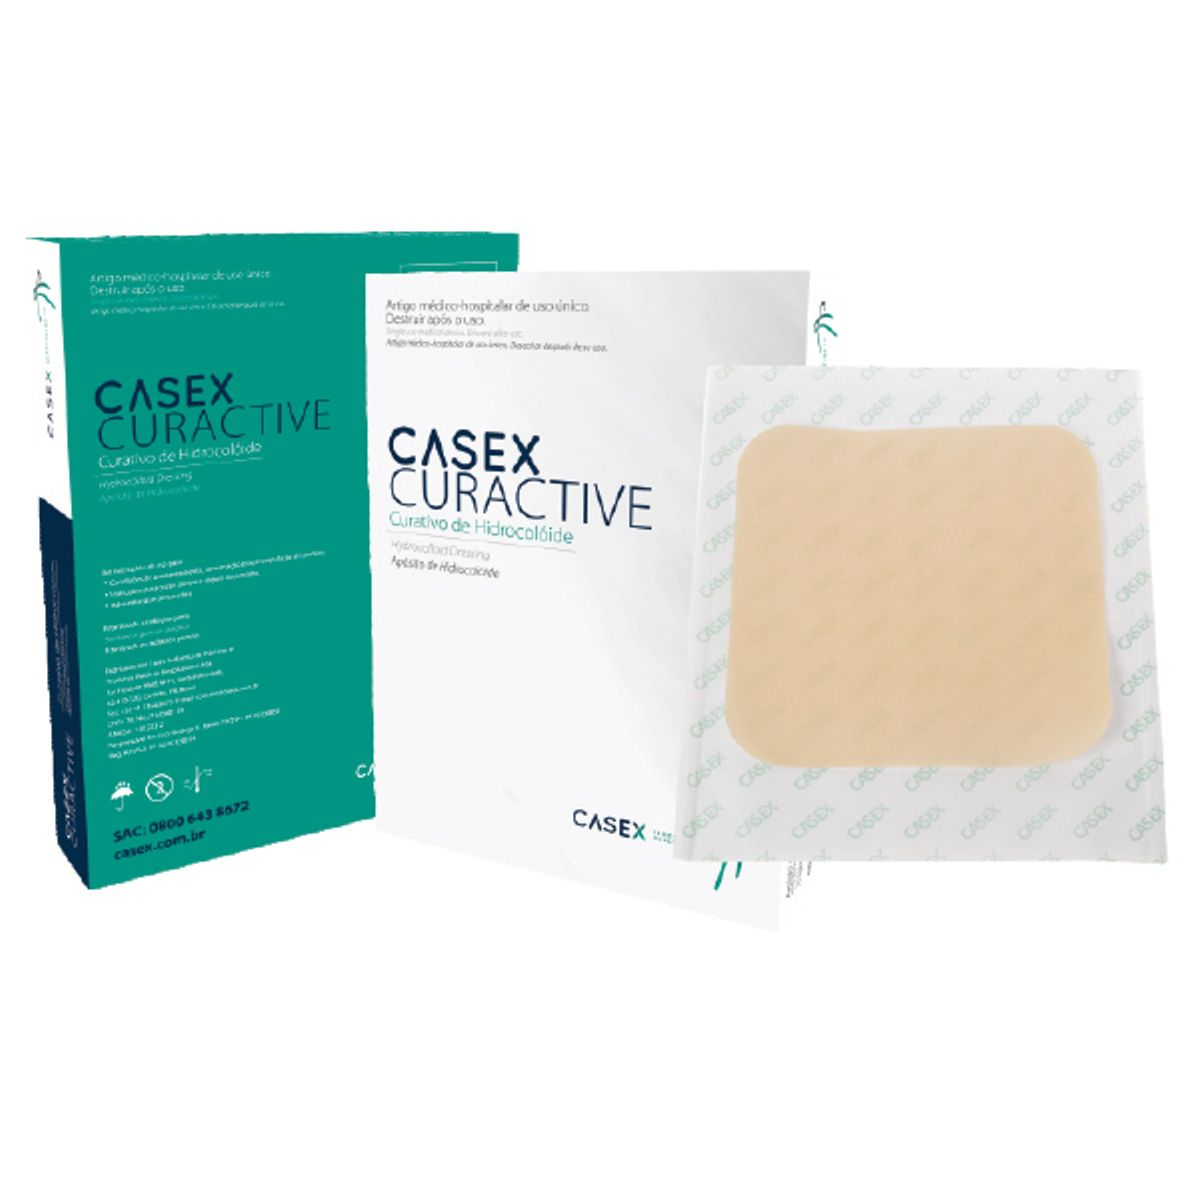 Curativo Hidrocolóide Placa 20x20cm Regular Casex Kit 5 placas